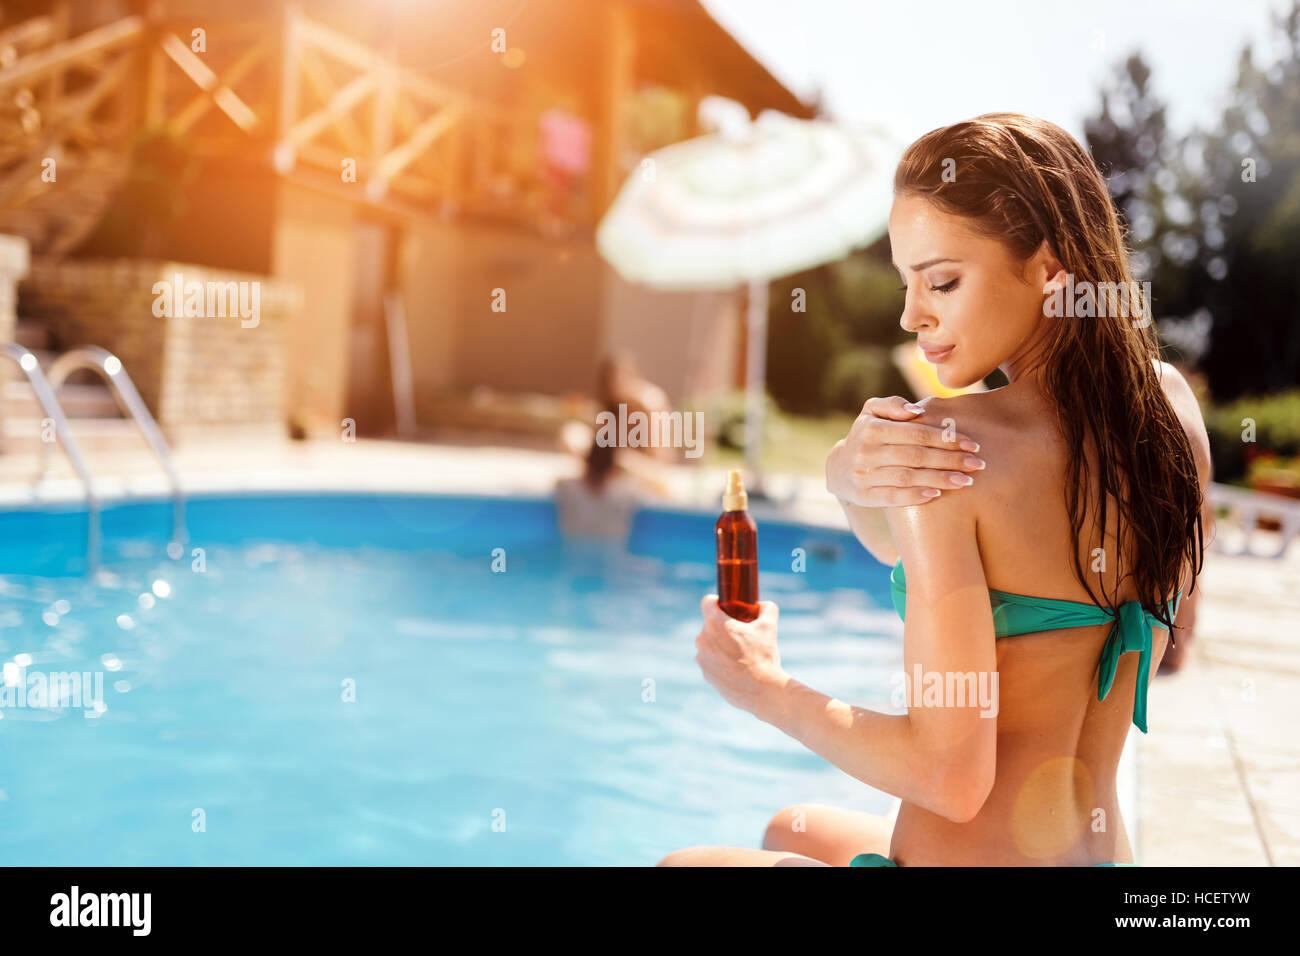 Woman applying sun uv protection lotion - Stock Image